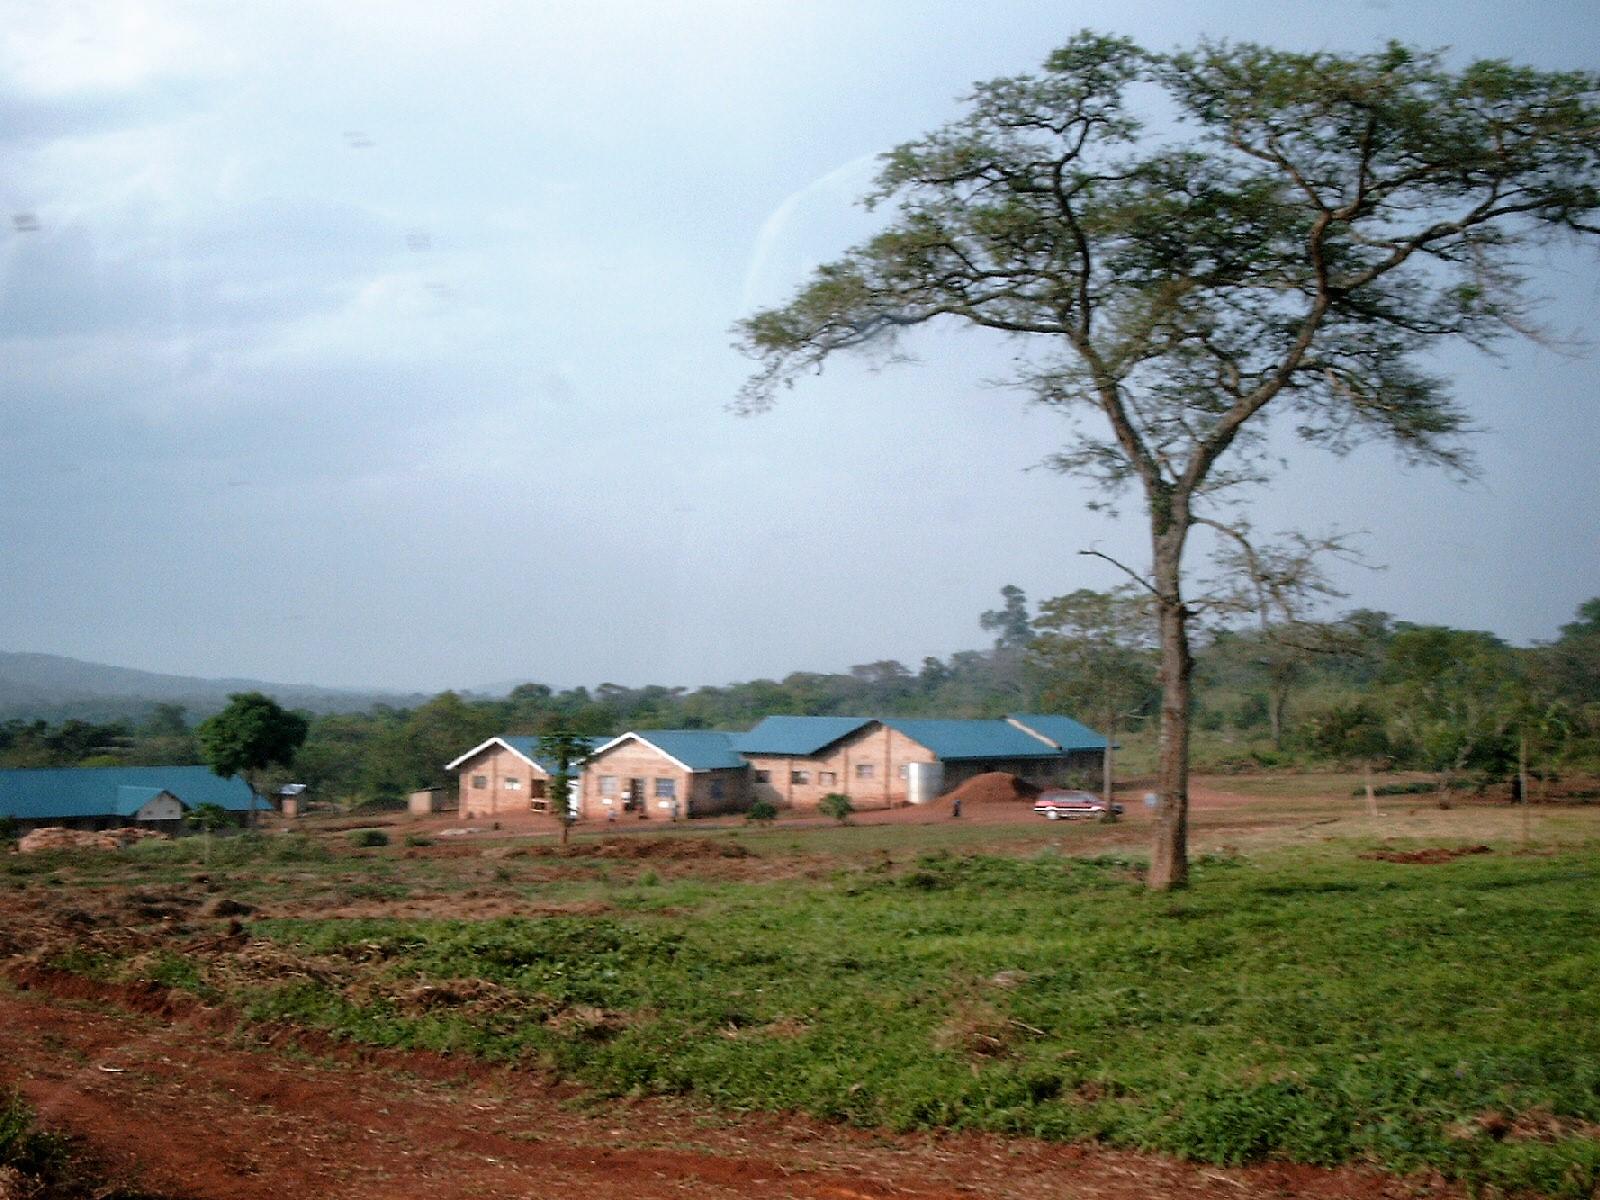 Zoe-Grundschule, 2003